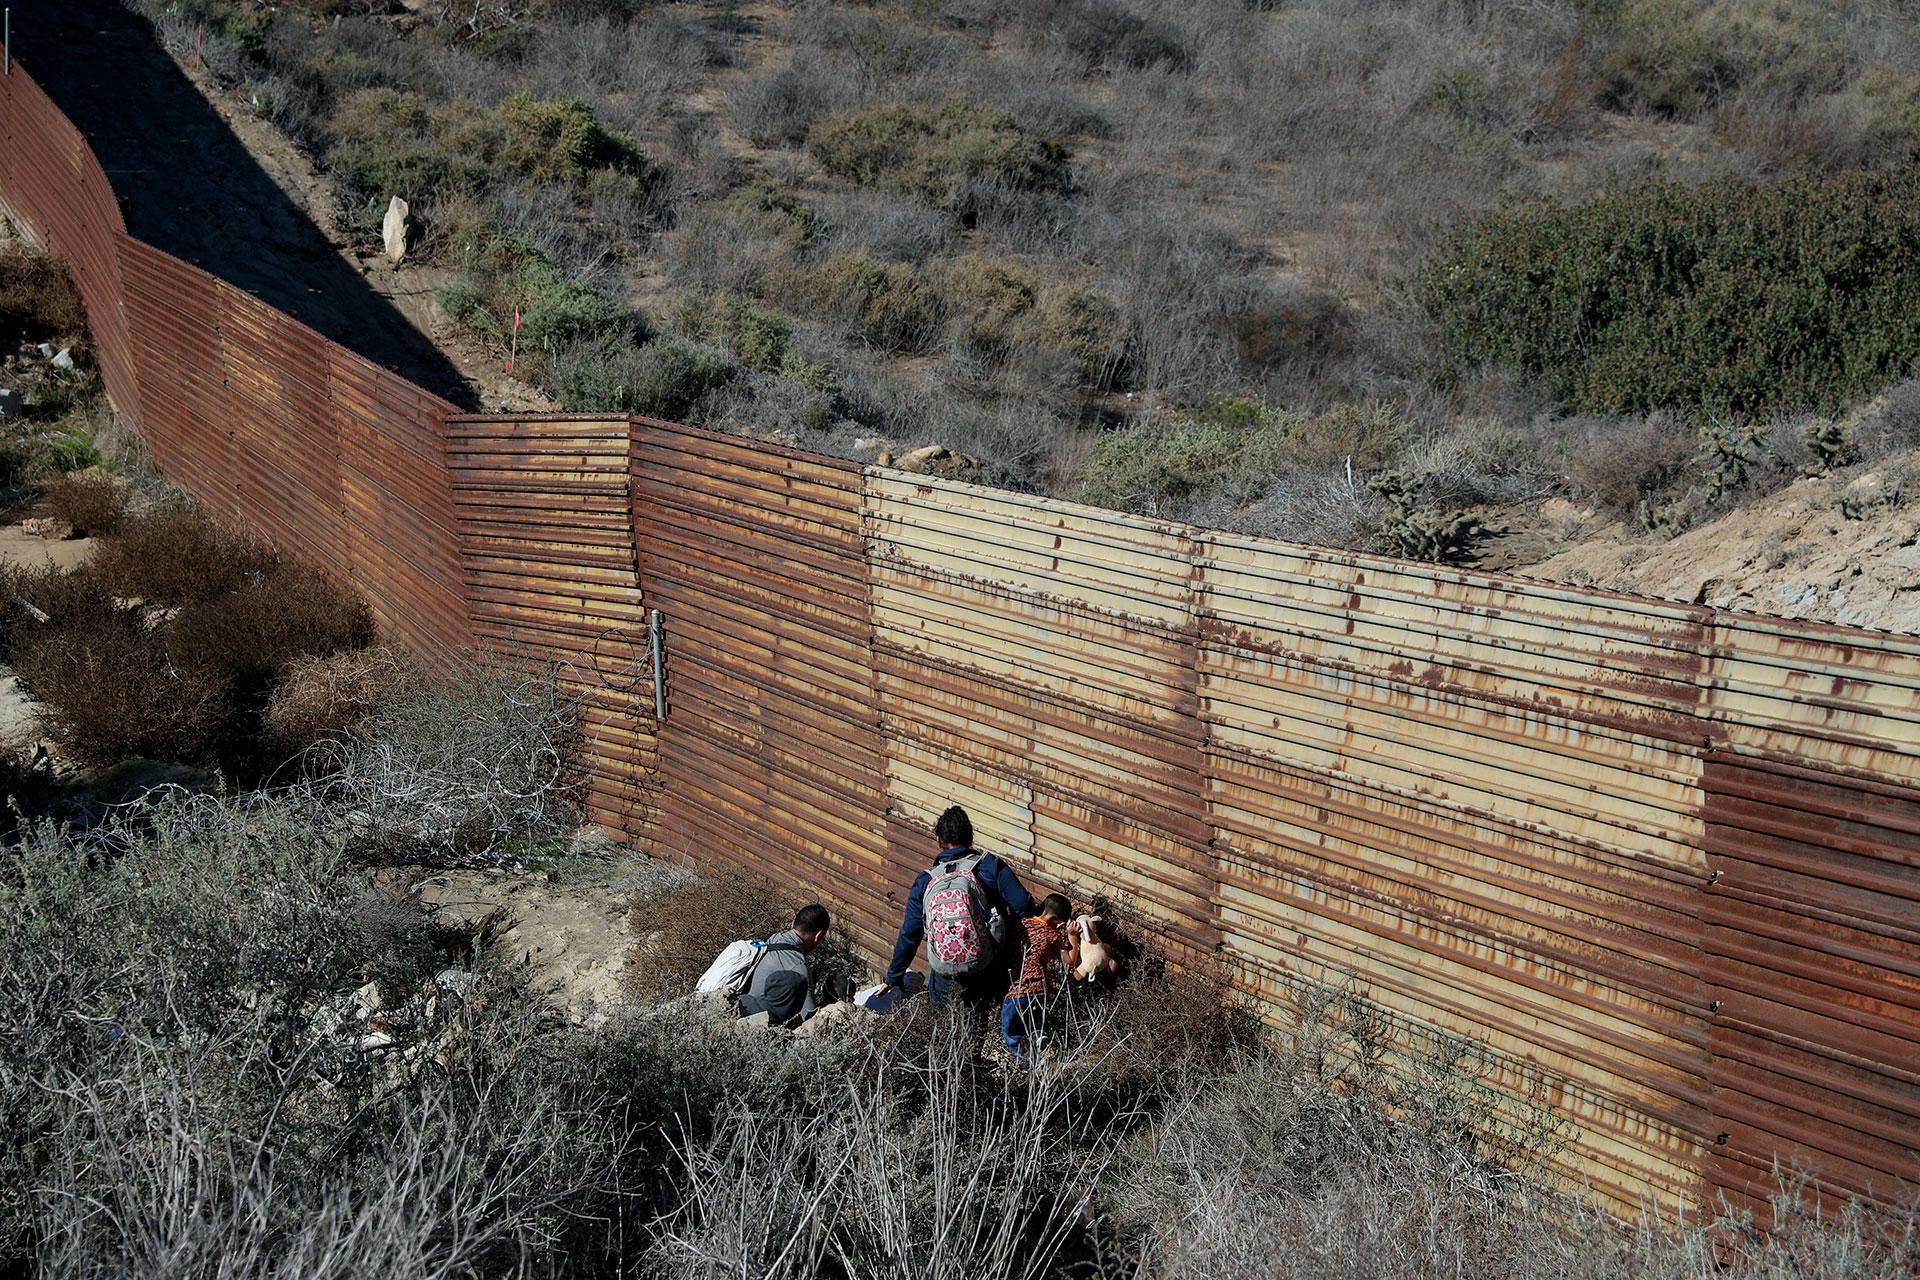 Los arrestos de inmigrantes indocumentados en la frontera con México ascendieron en el pasado mes de noviembre a 51.856 personas, un nuevo récord desde que Donald Trump asumiera la Presidencia en enero de 2017